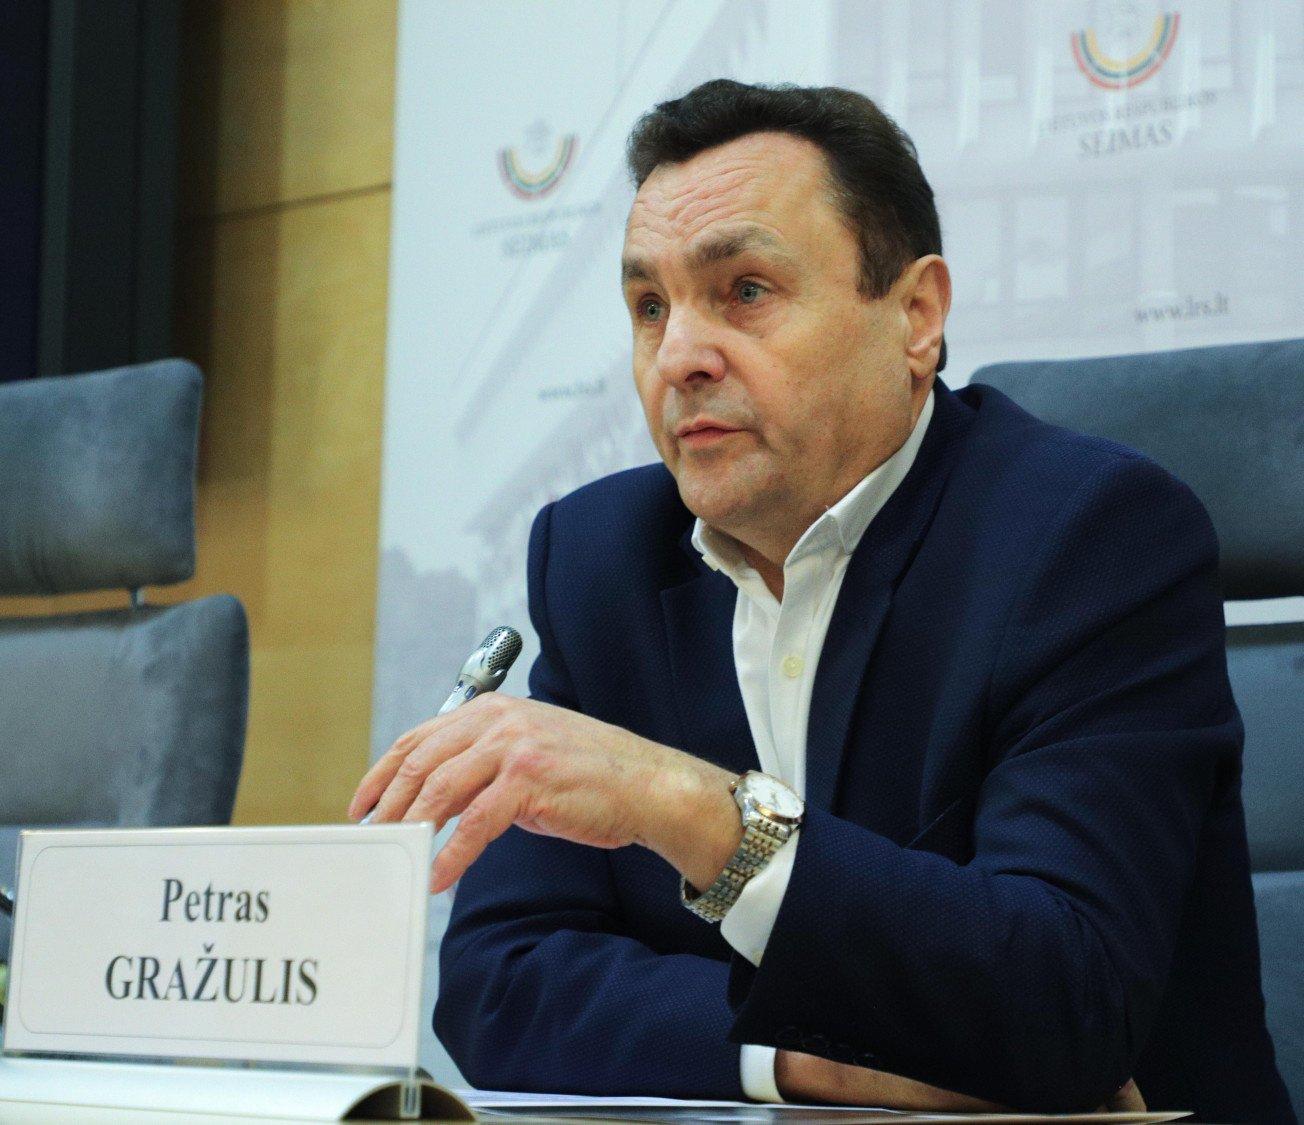 P. Gražulio ir V. Valkiūno siūlymas dėl migrantų krizės: atšaukti praėjusios kadencijos Seimo priimtą rezoliuciją